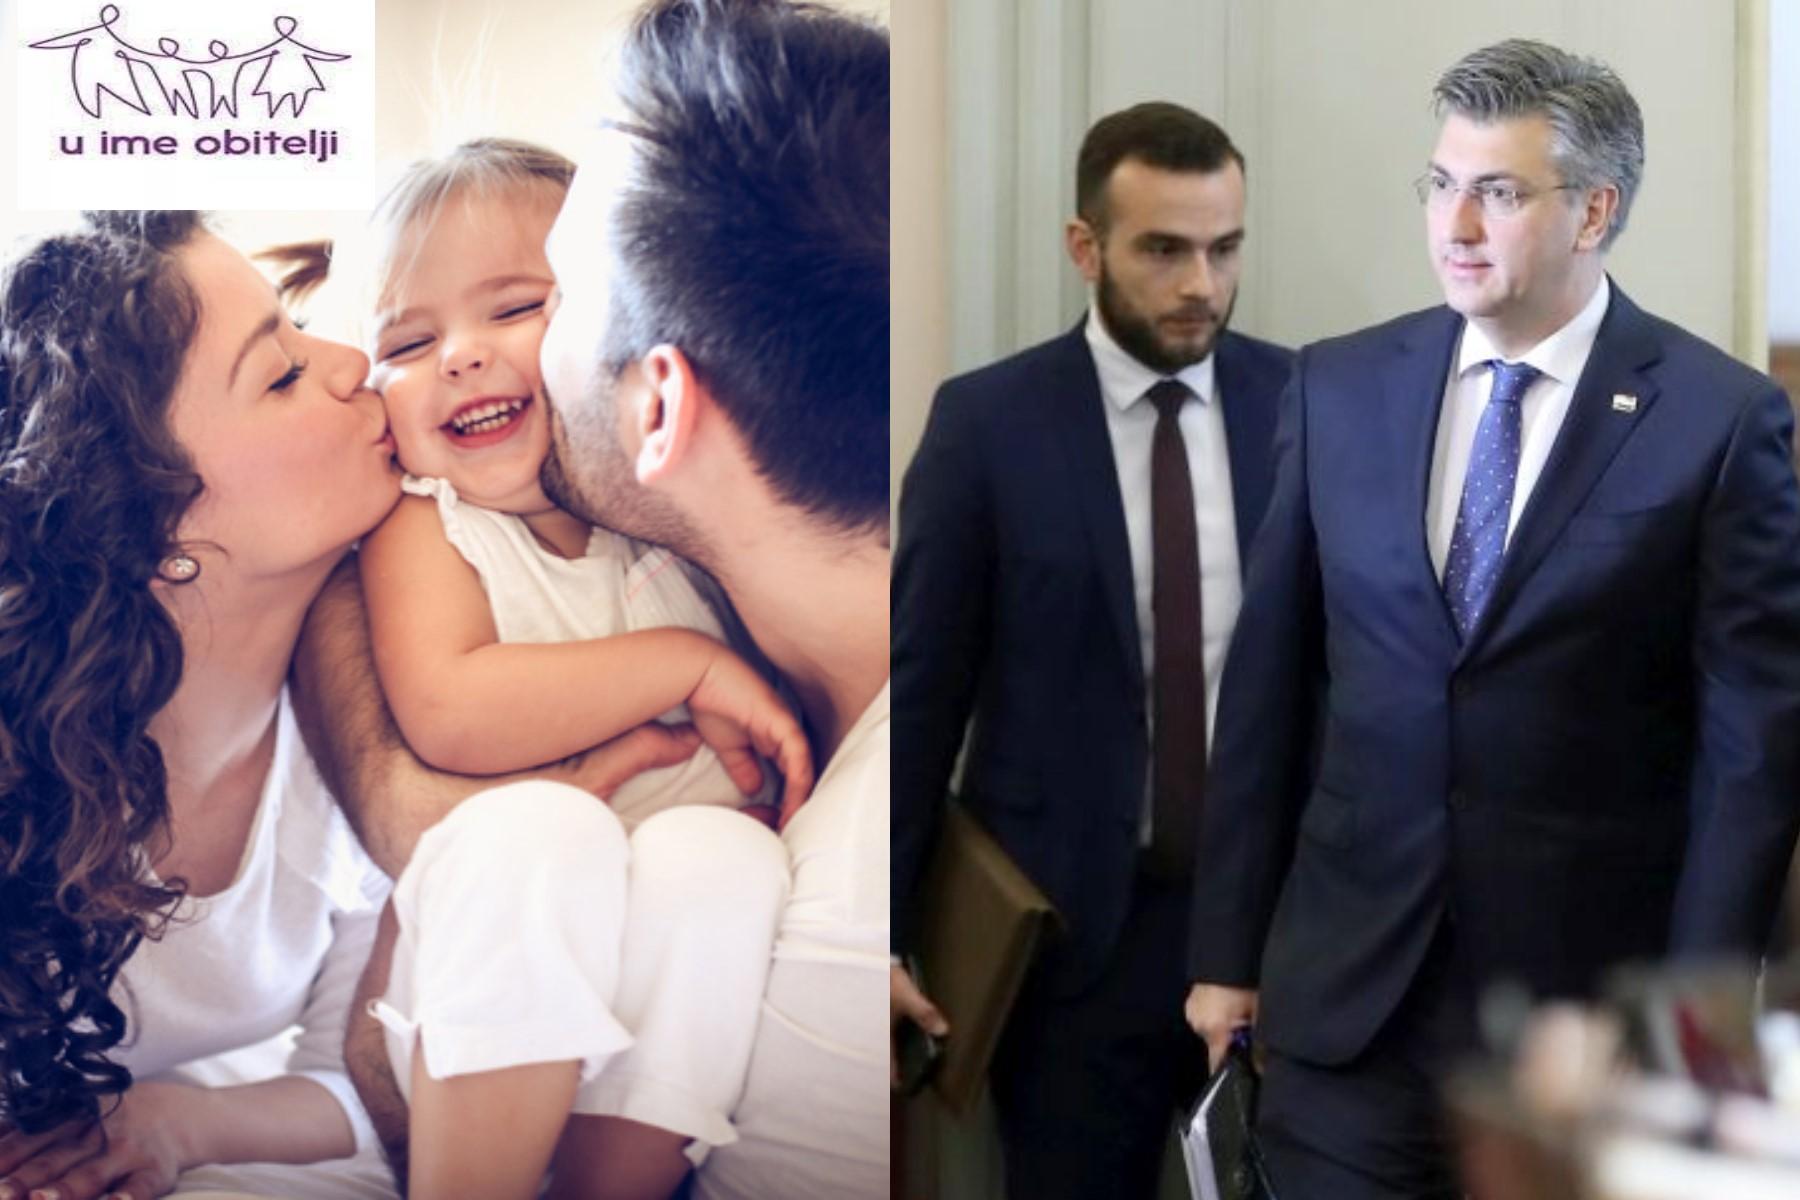 Ministarstvo drugi put odgovorilo UIO na upit o udomljavanju djece od strane homoseksualnog para – evo što su sada rekli